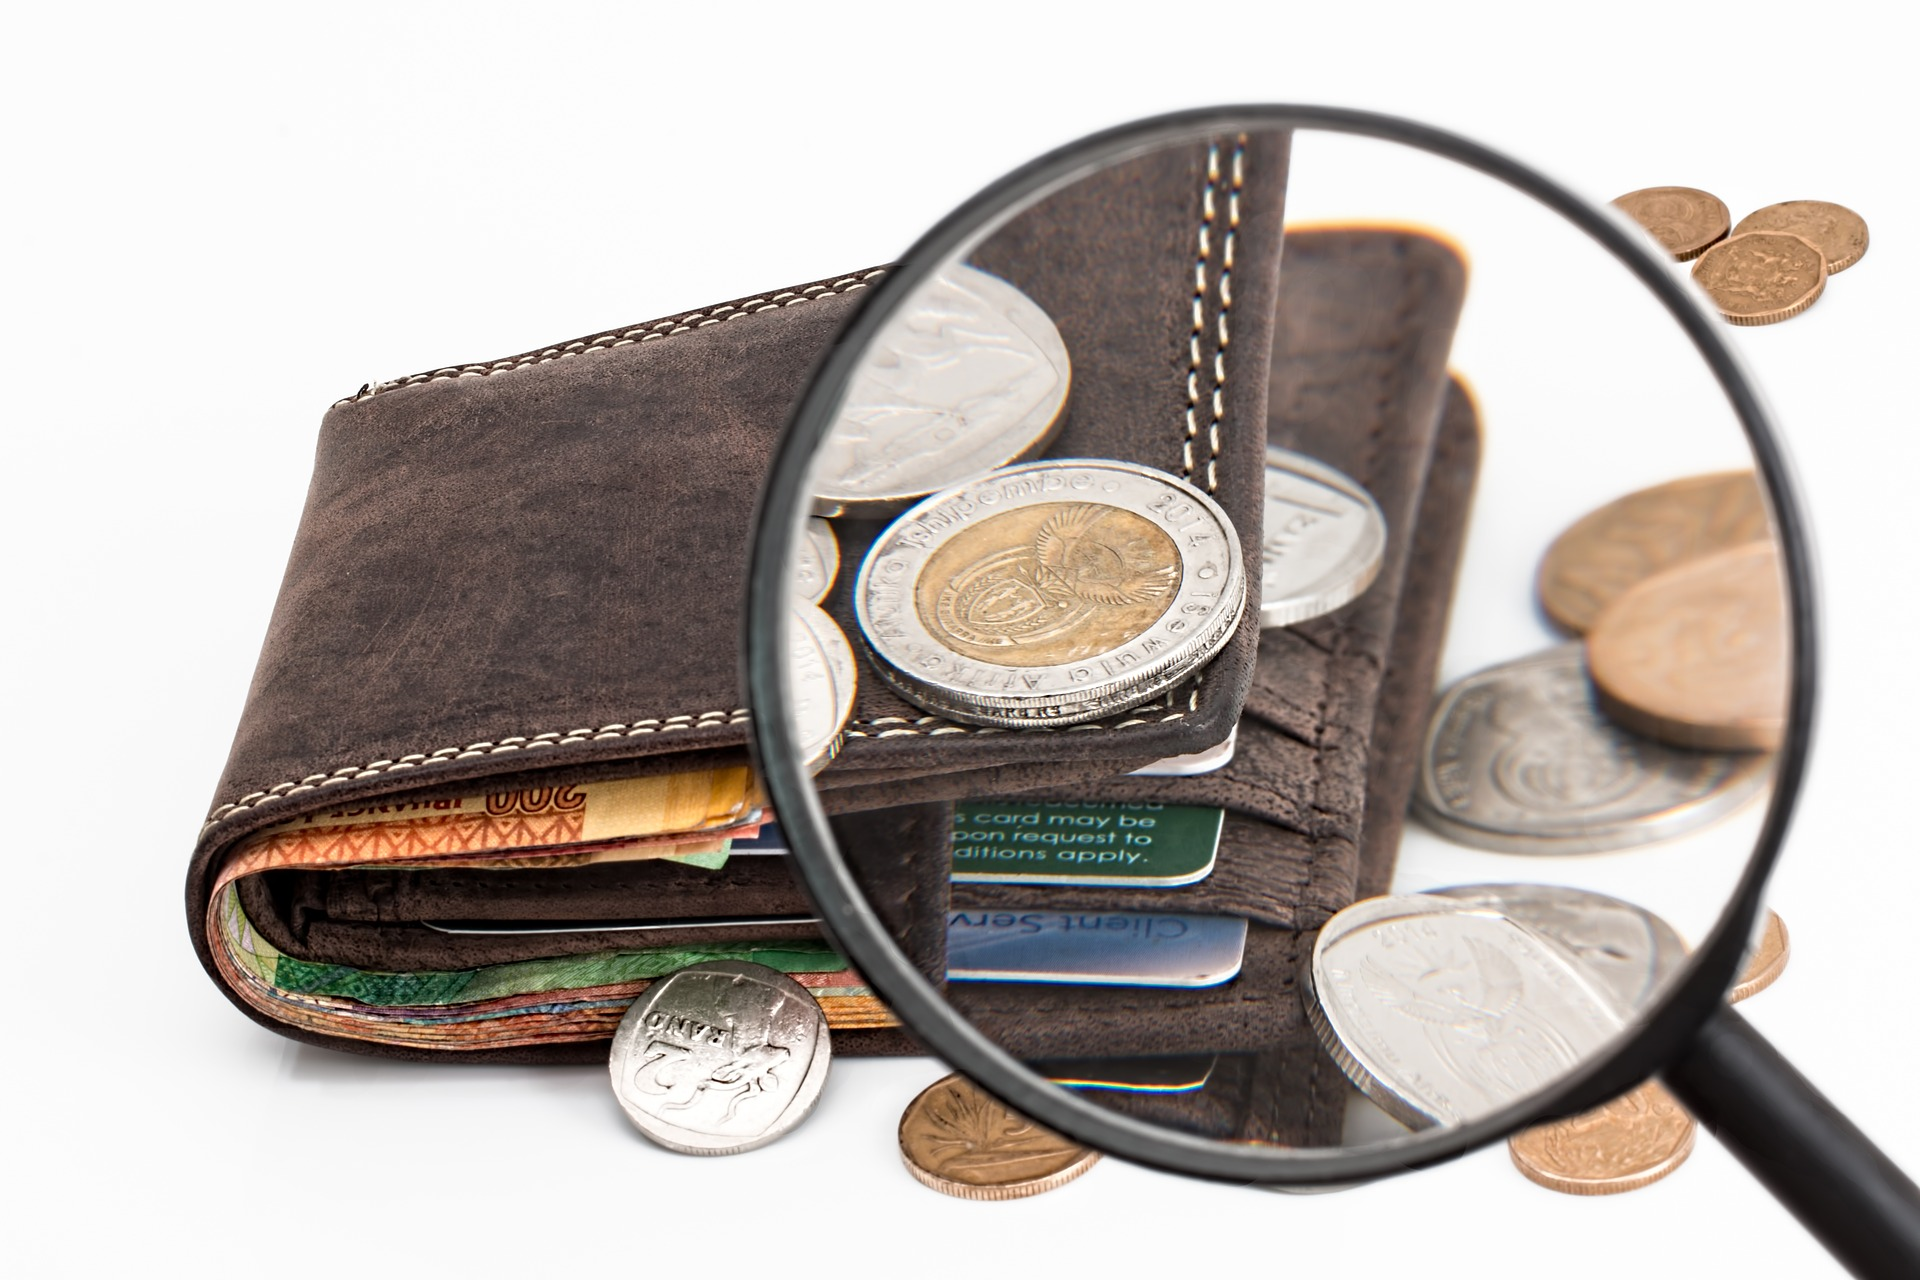 ケアマネの財布の中身